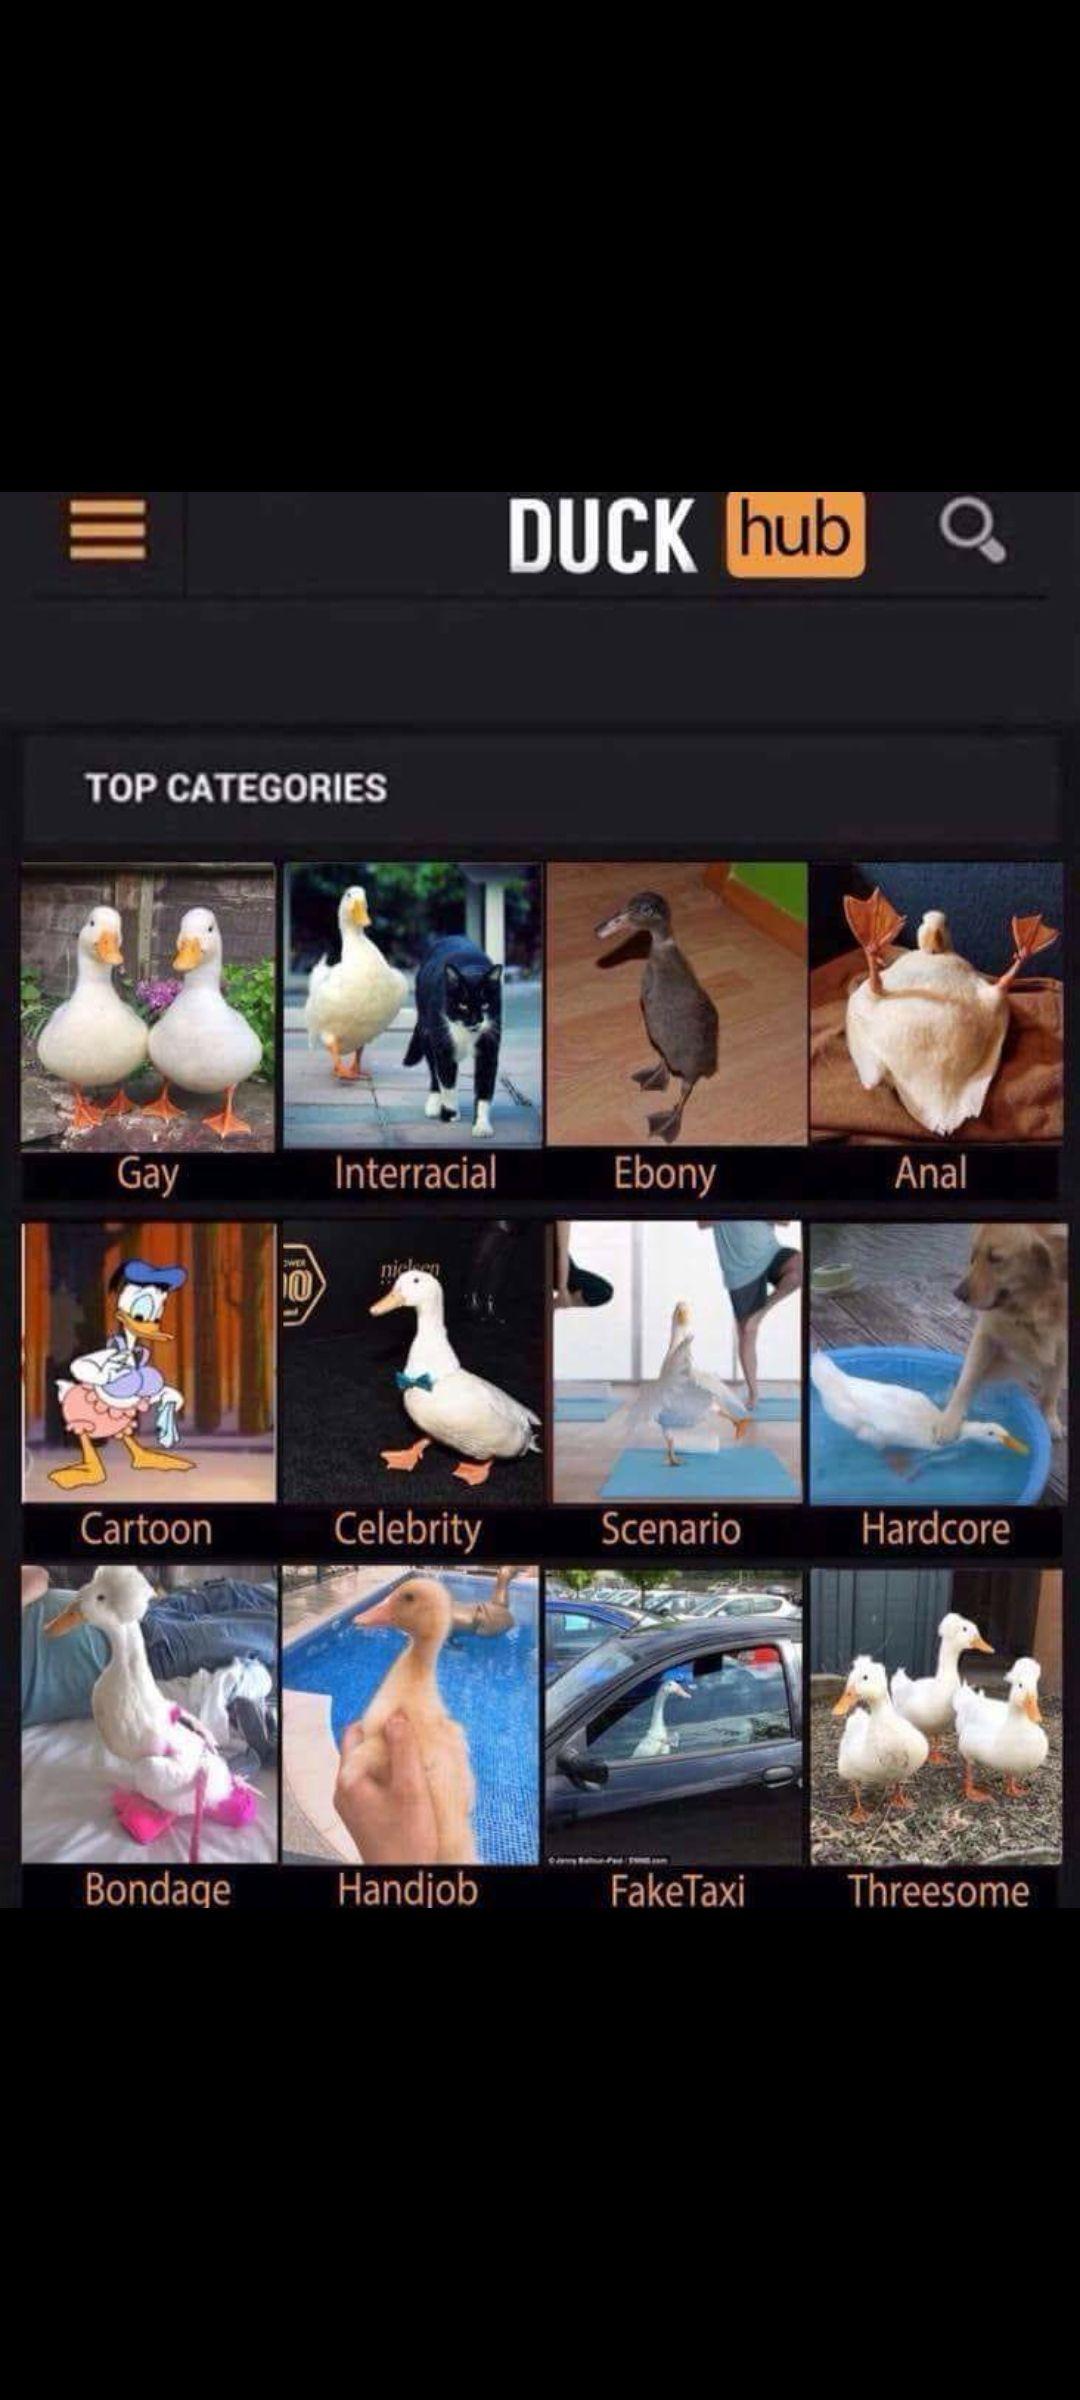 Duckhub